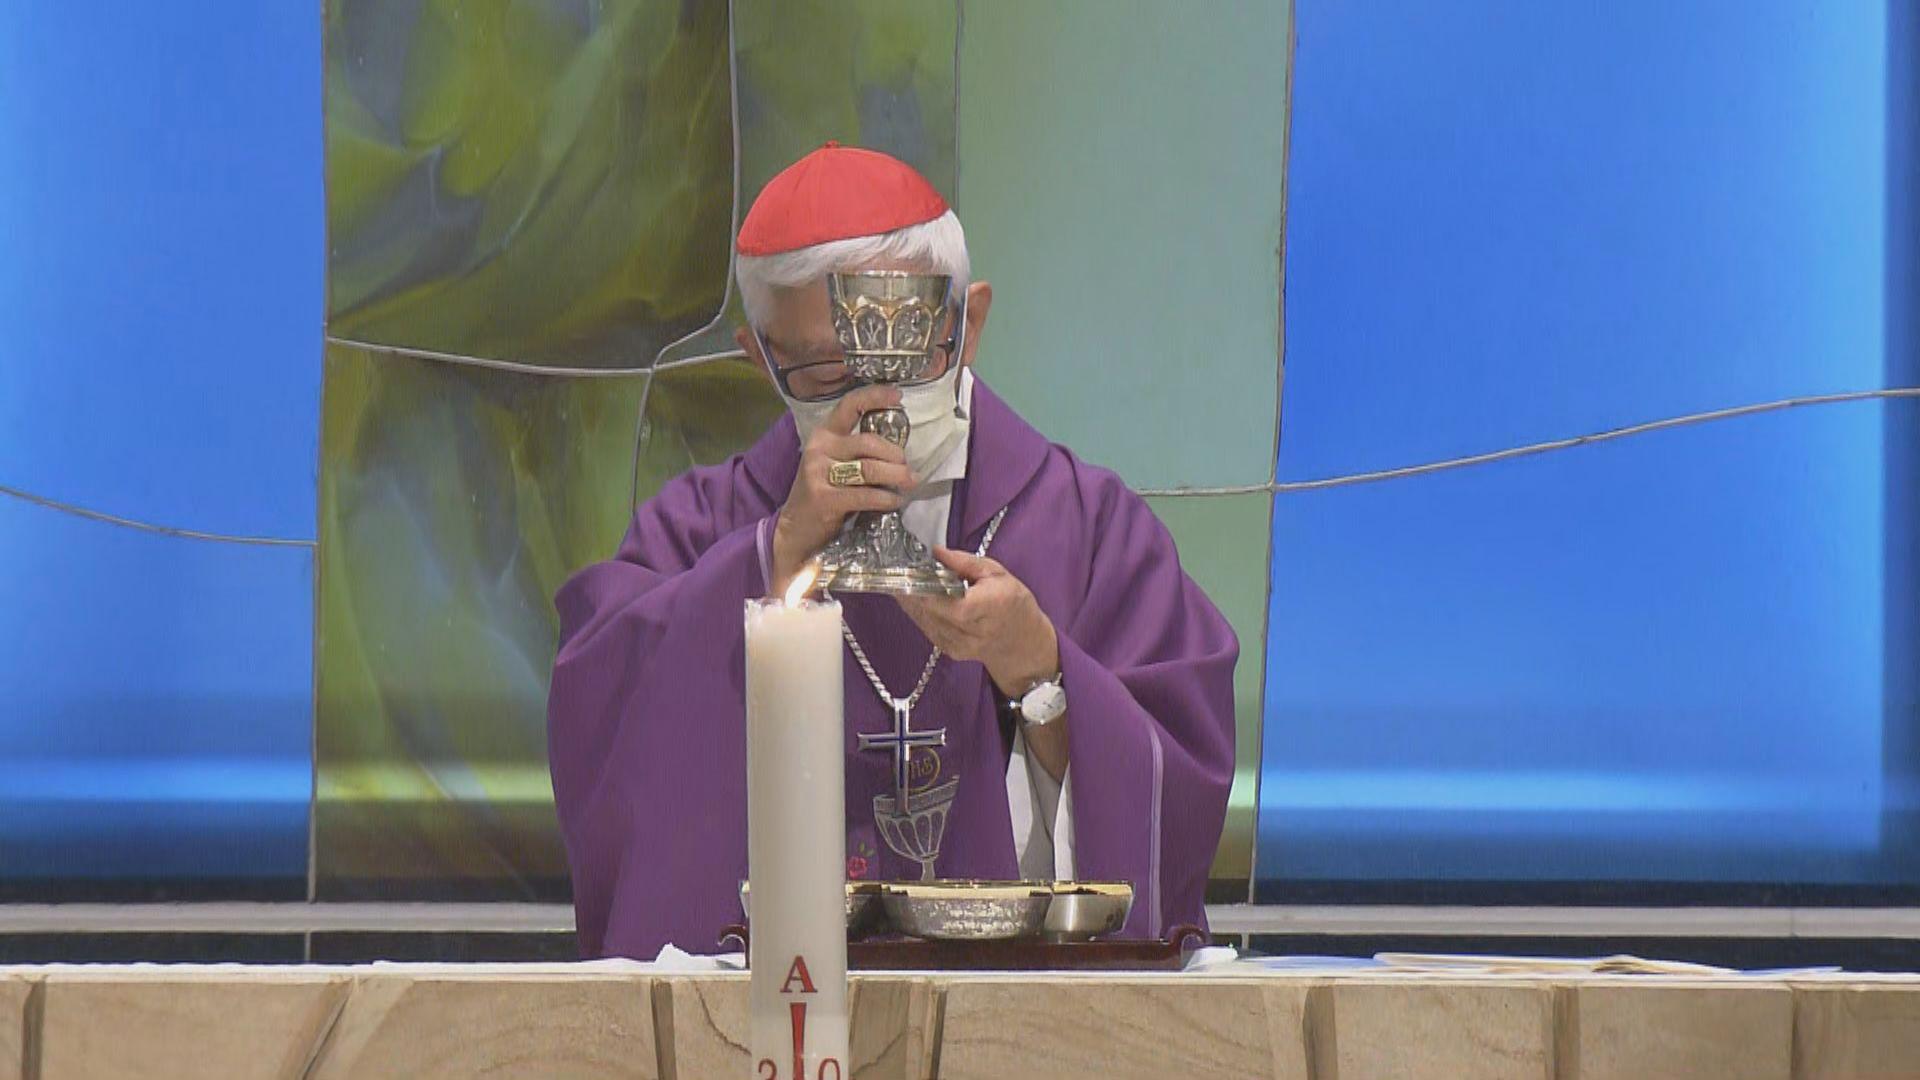 七間天主教聖堂舉行六四追思彌撒